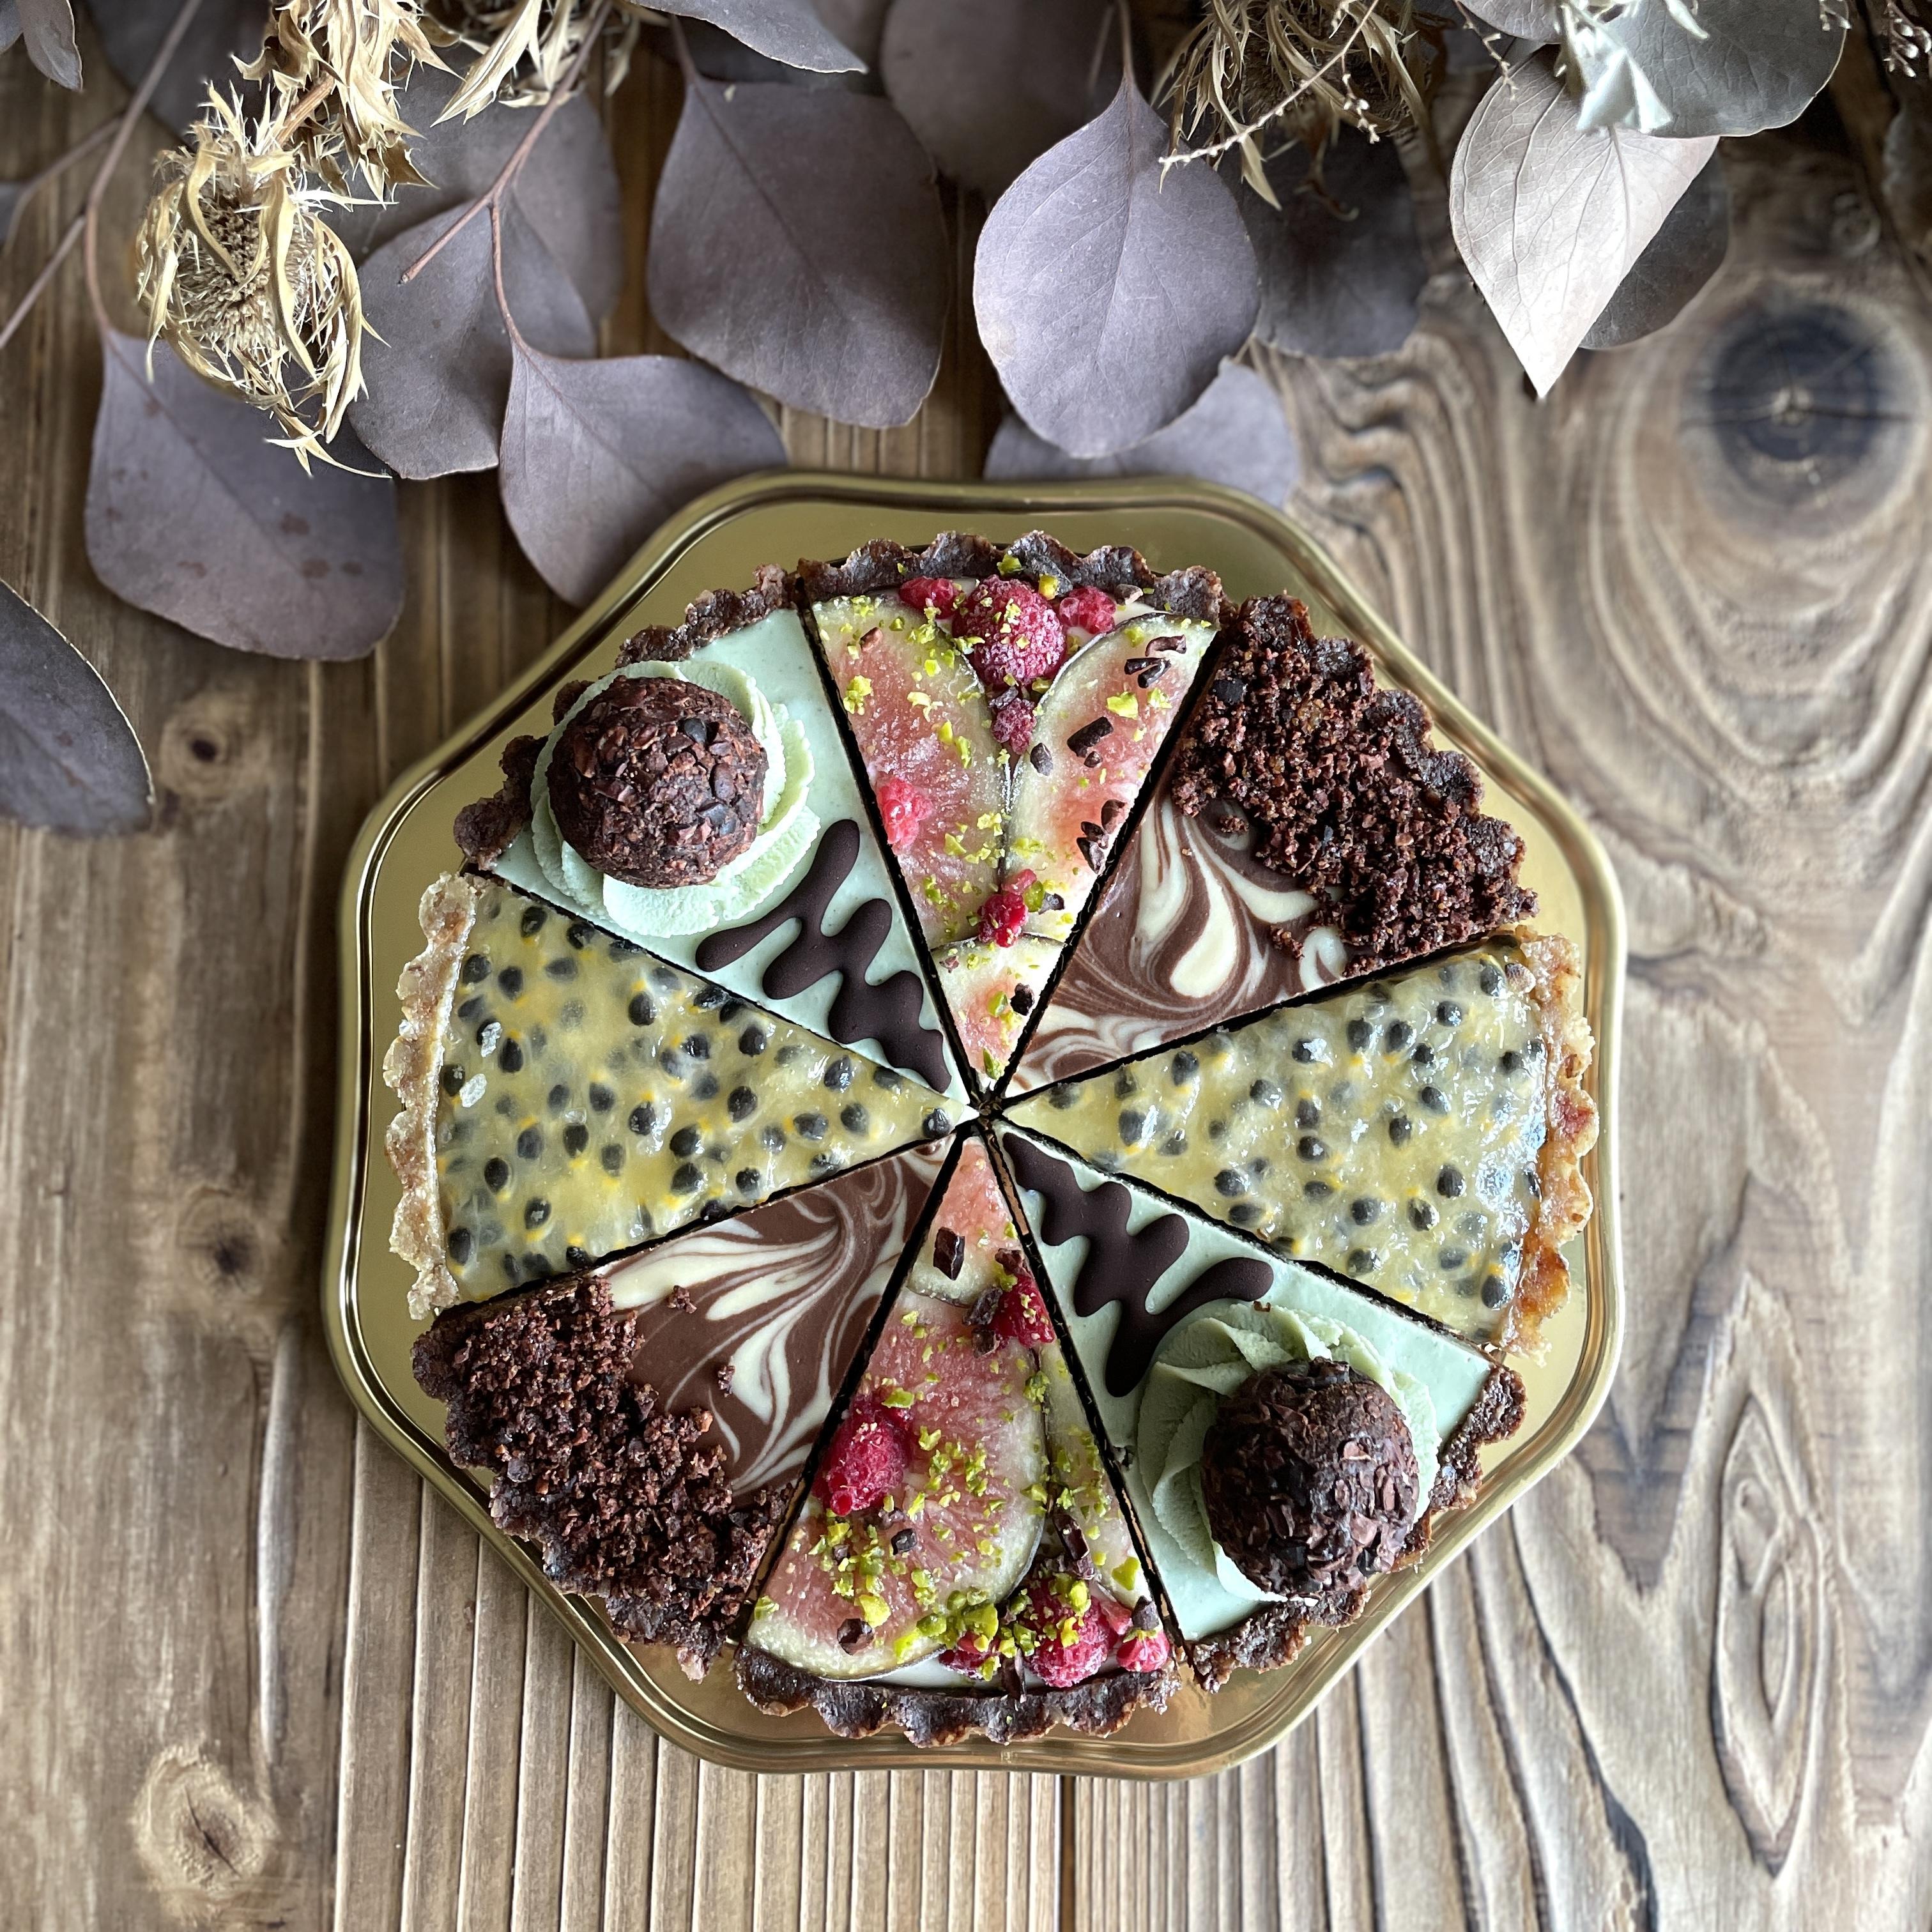 【ご予約のお客さま専用です】季節のローケーキ アソートセット Vol.20